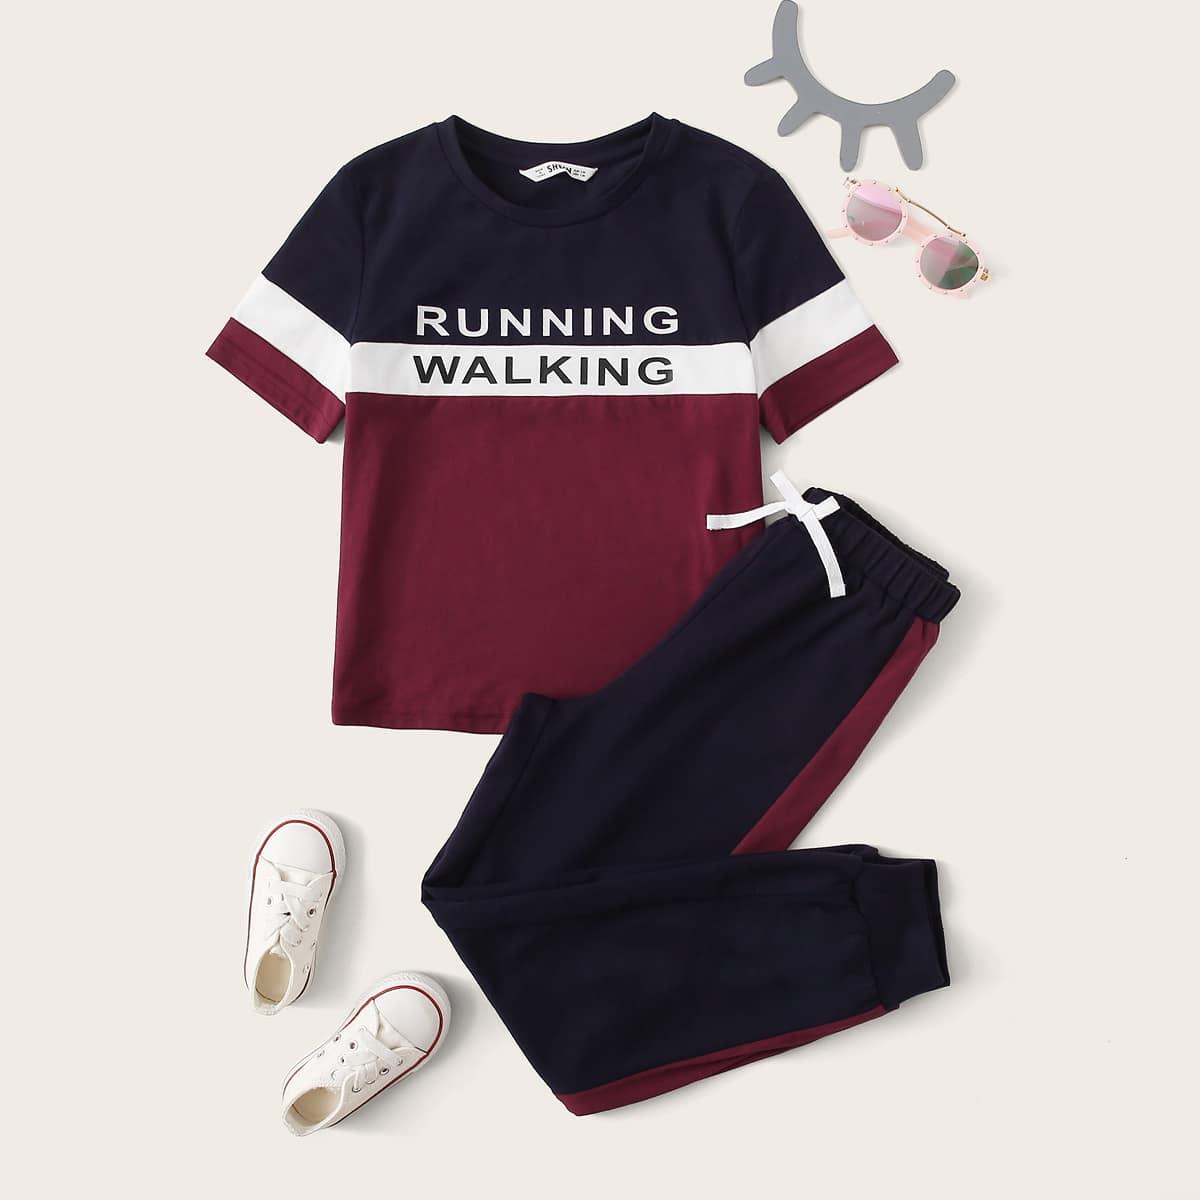 Контрастный топ с текстовым принтом и спортивные брюки для девочек от SHEIN